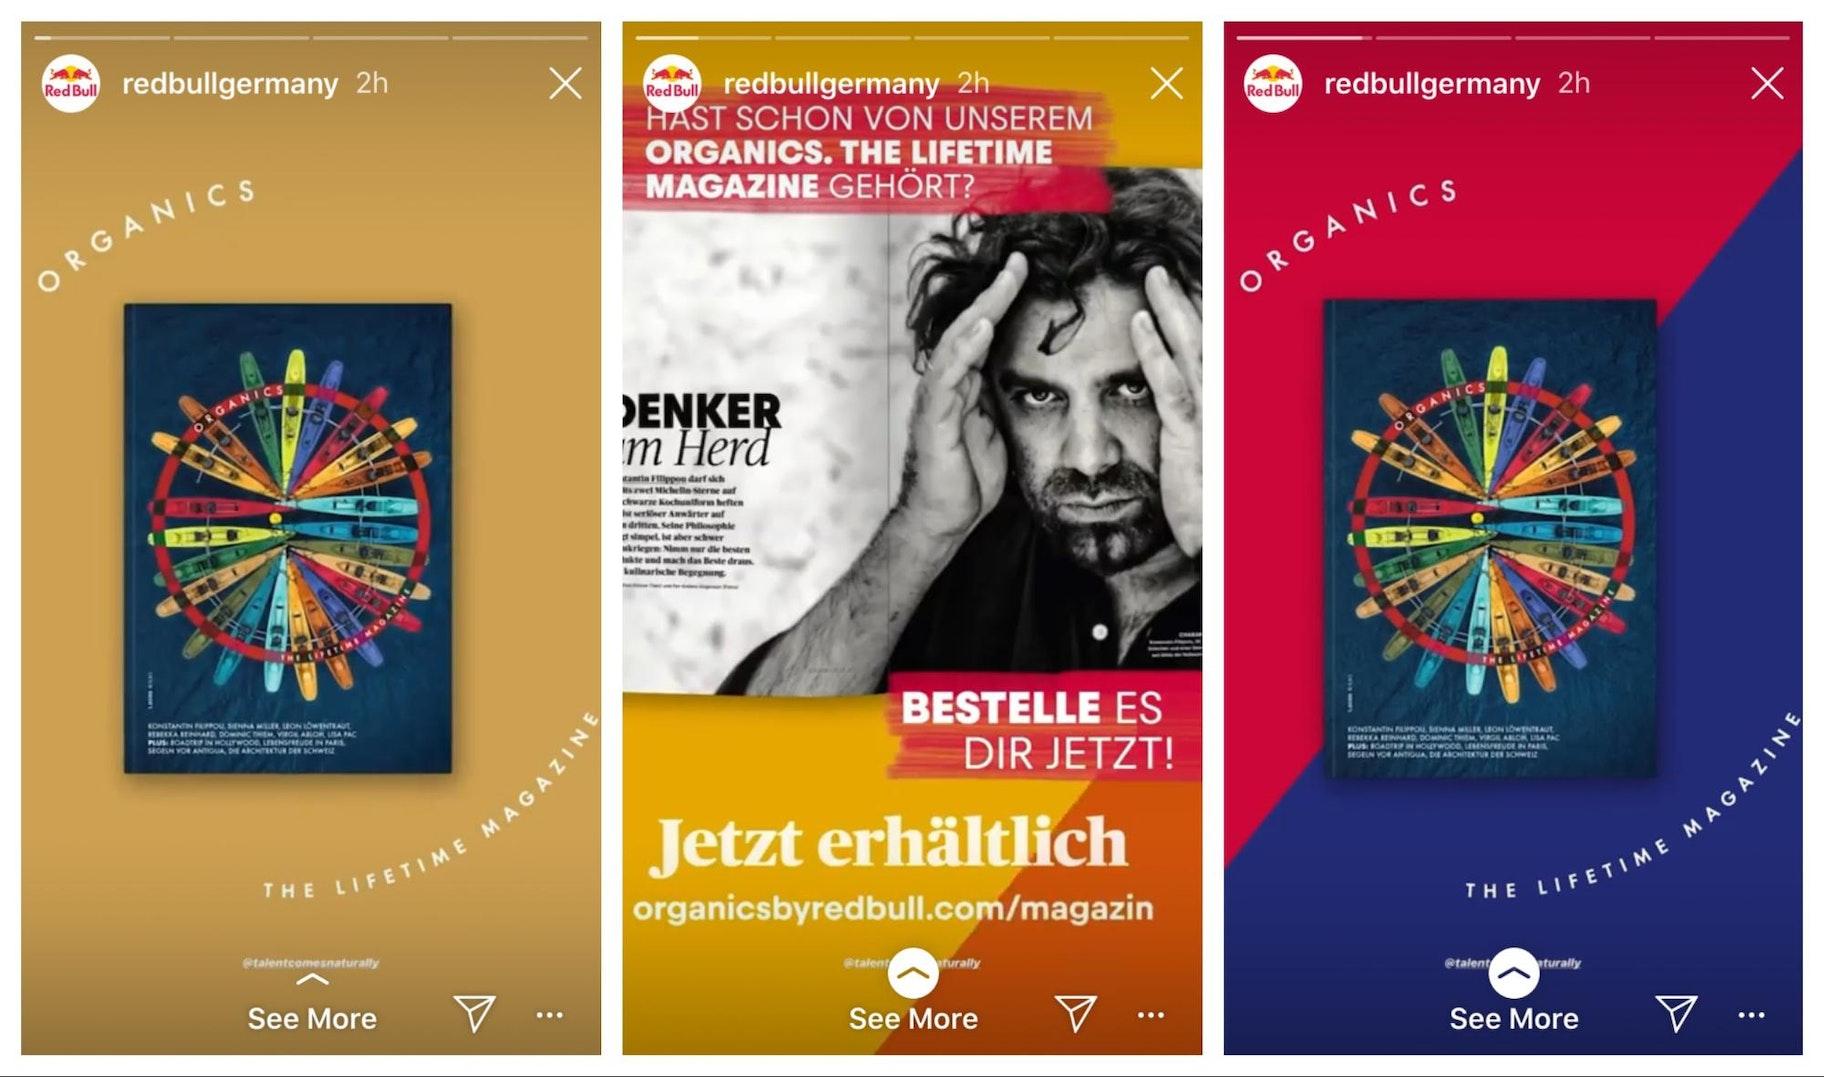 Redbull Instagram Story Design Example